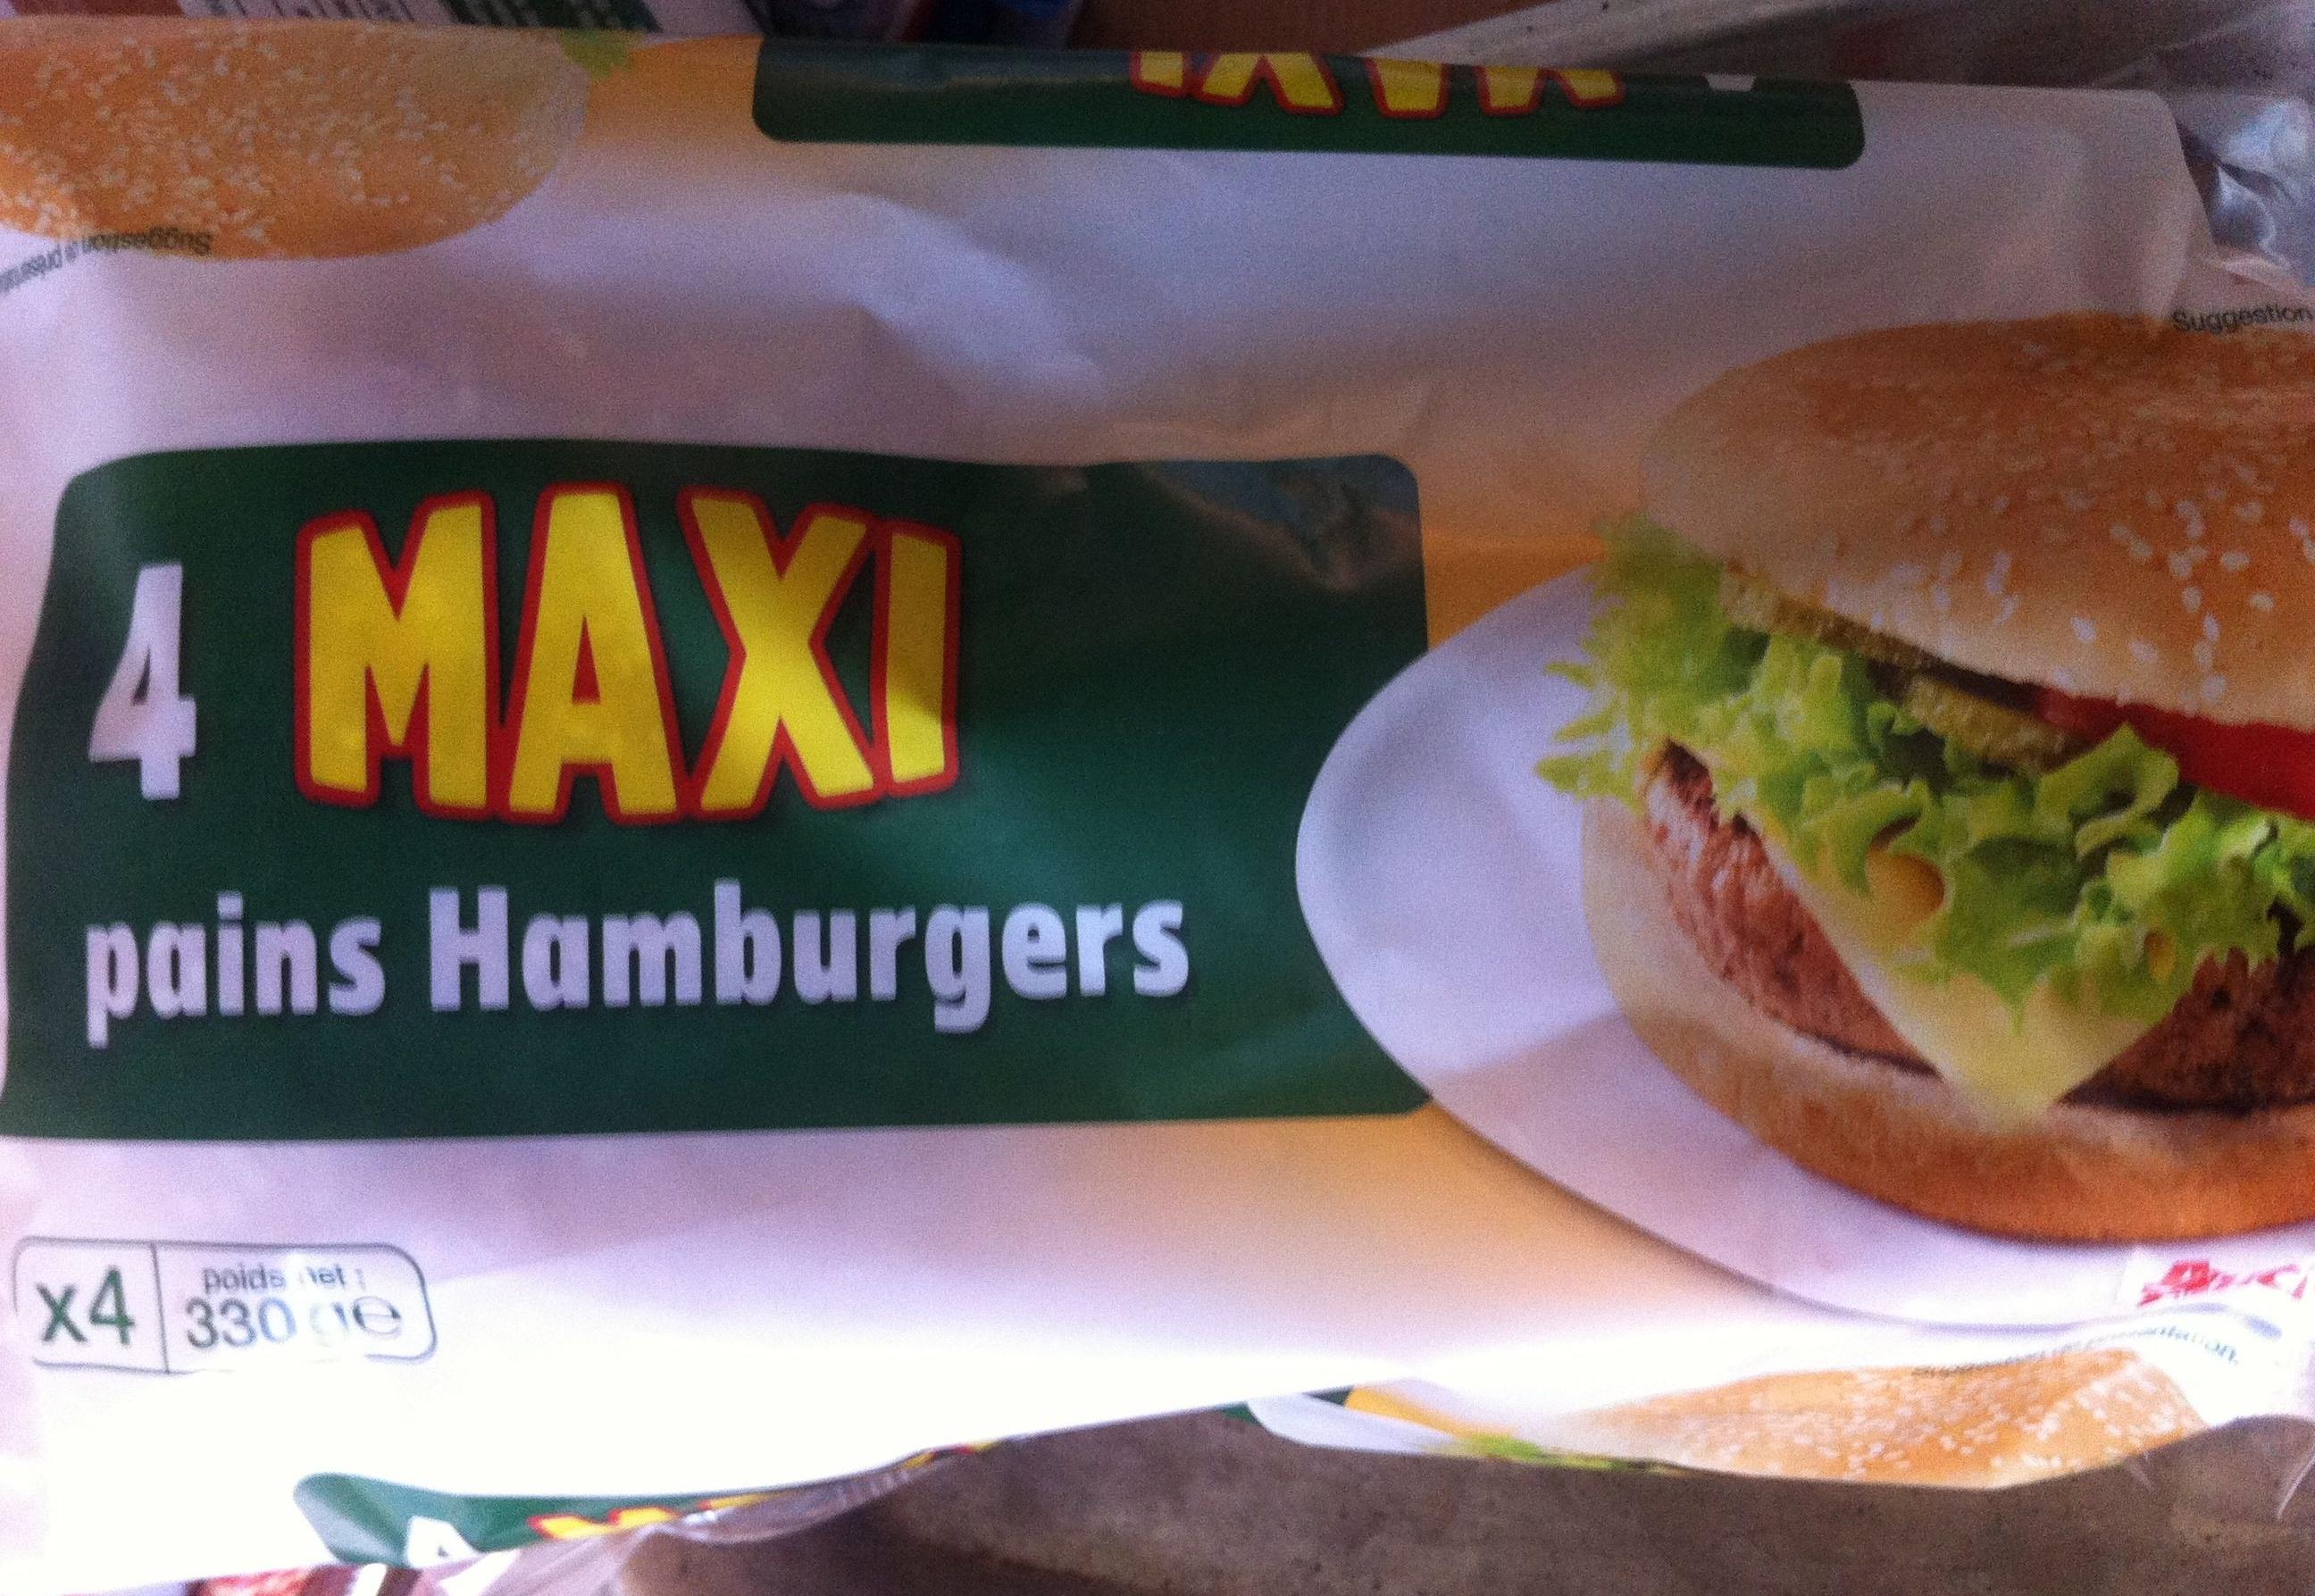 4 Maxi pains hamburger - Product